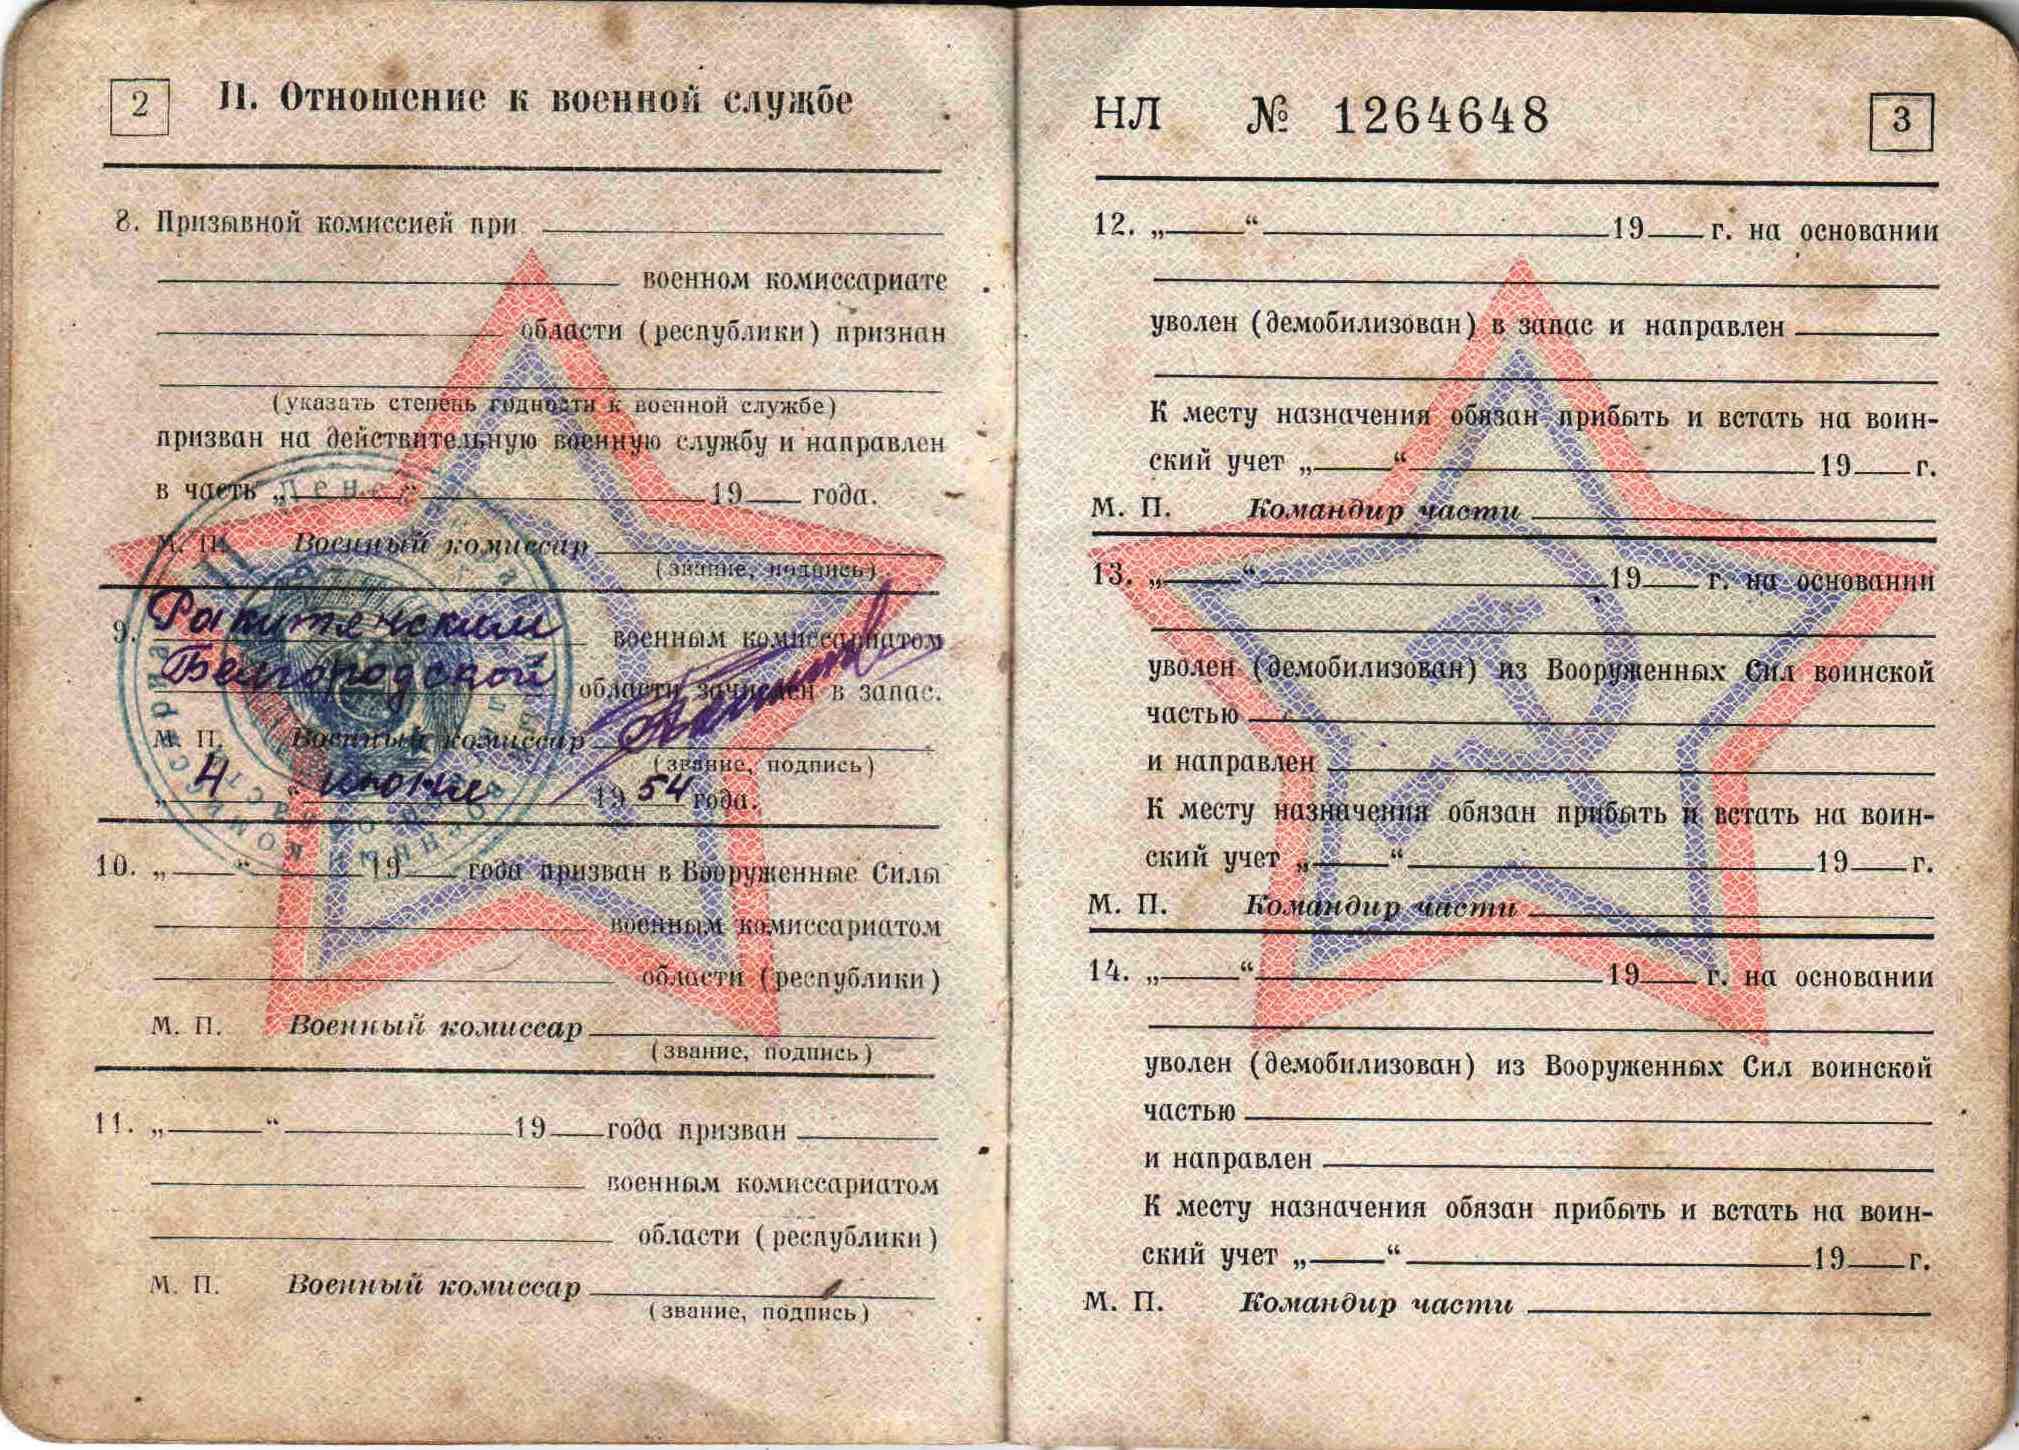 25. Военный билет, 1963 г.